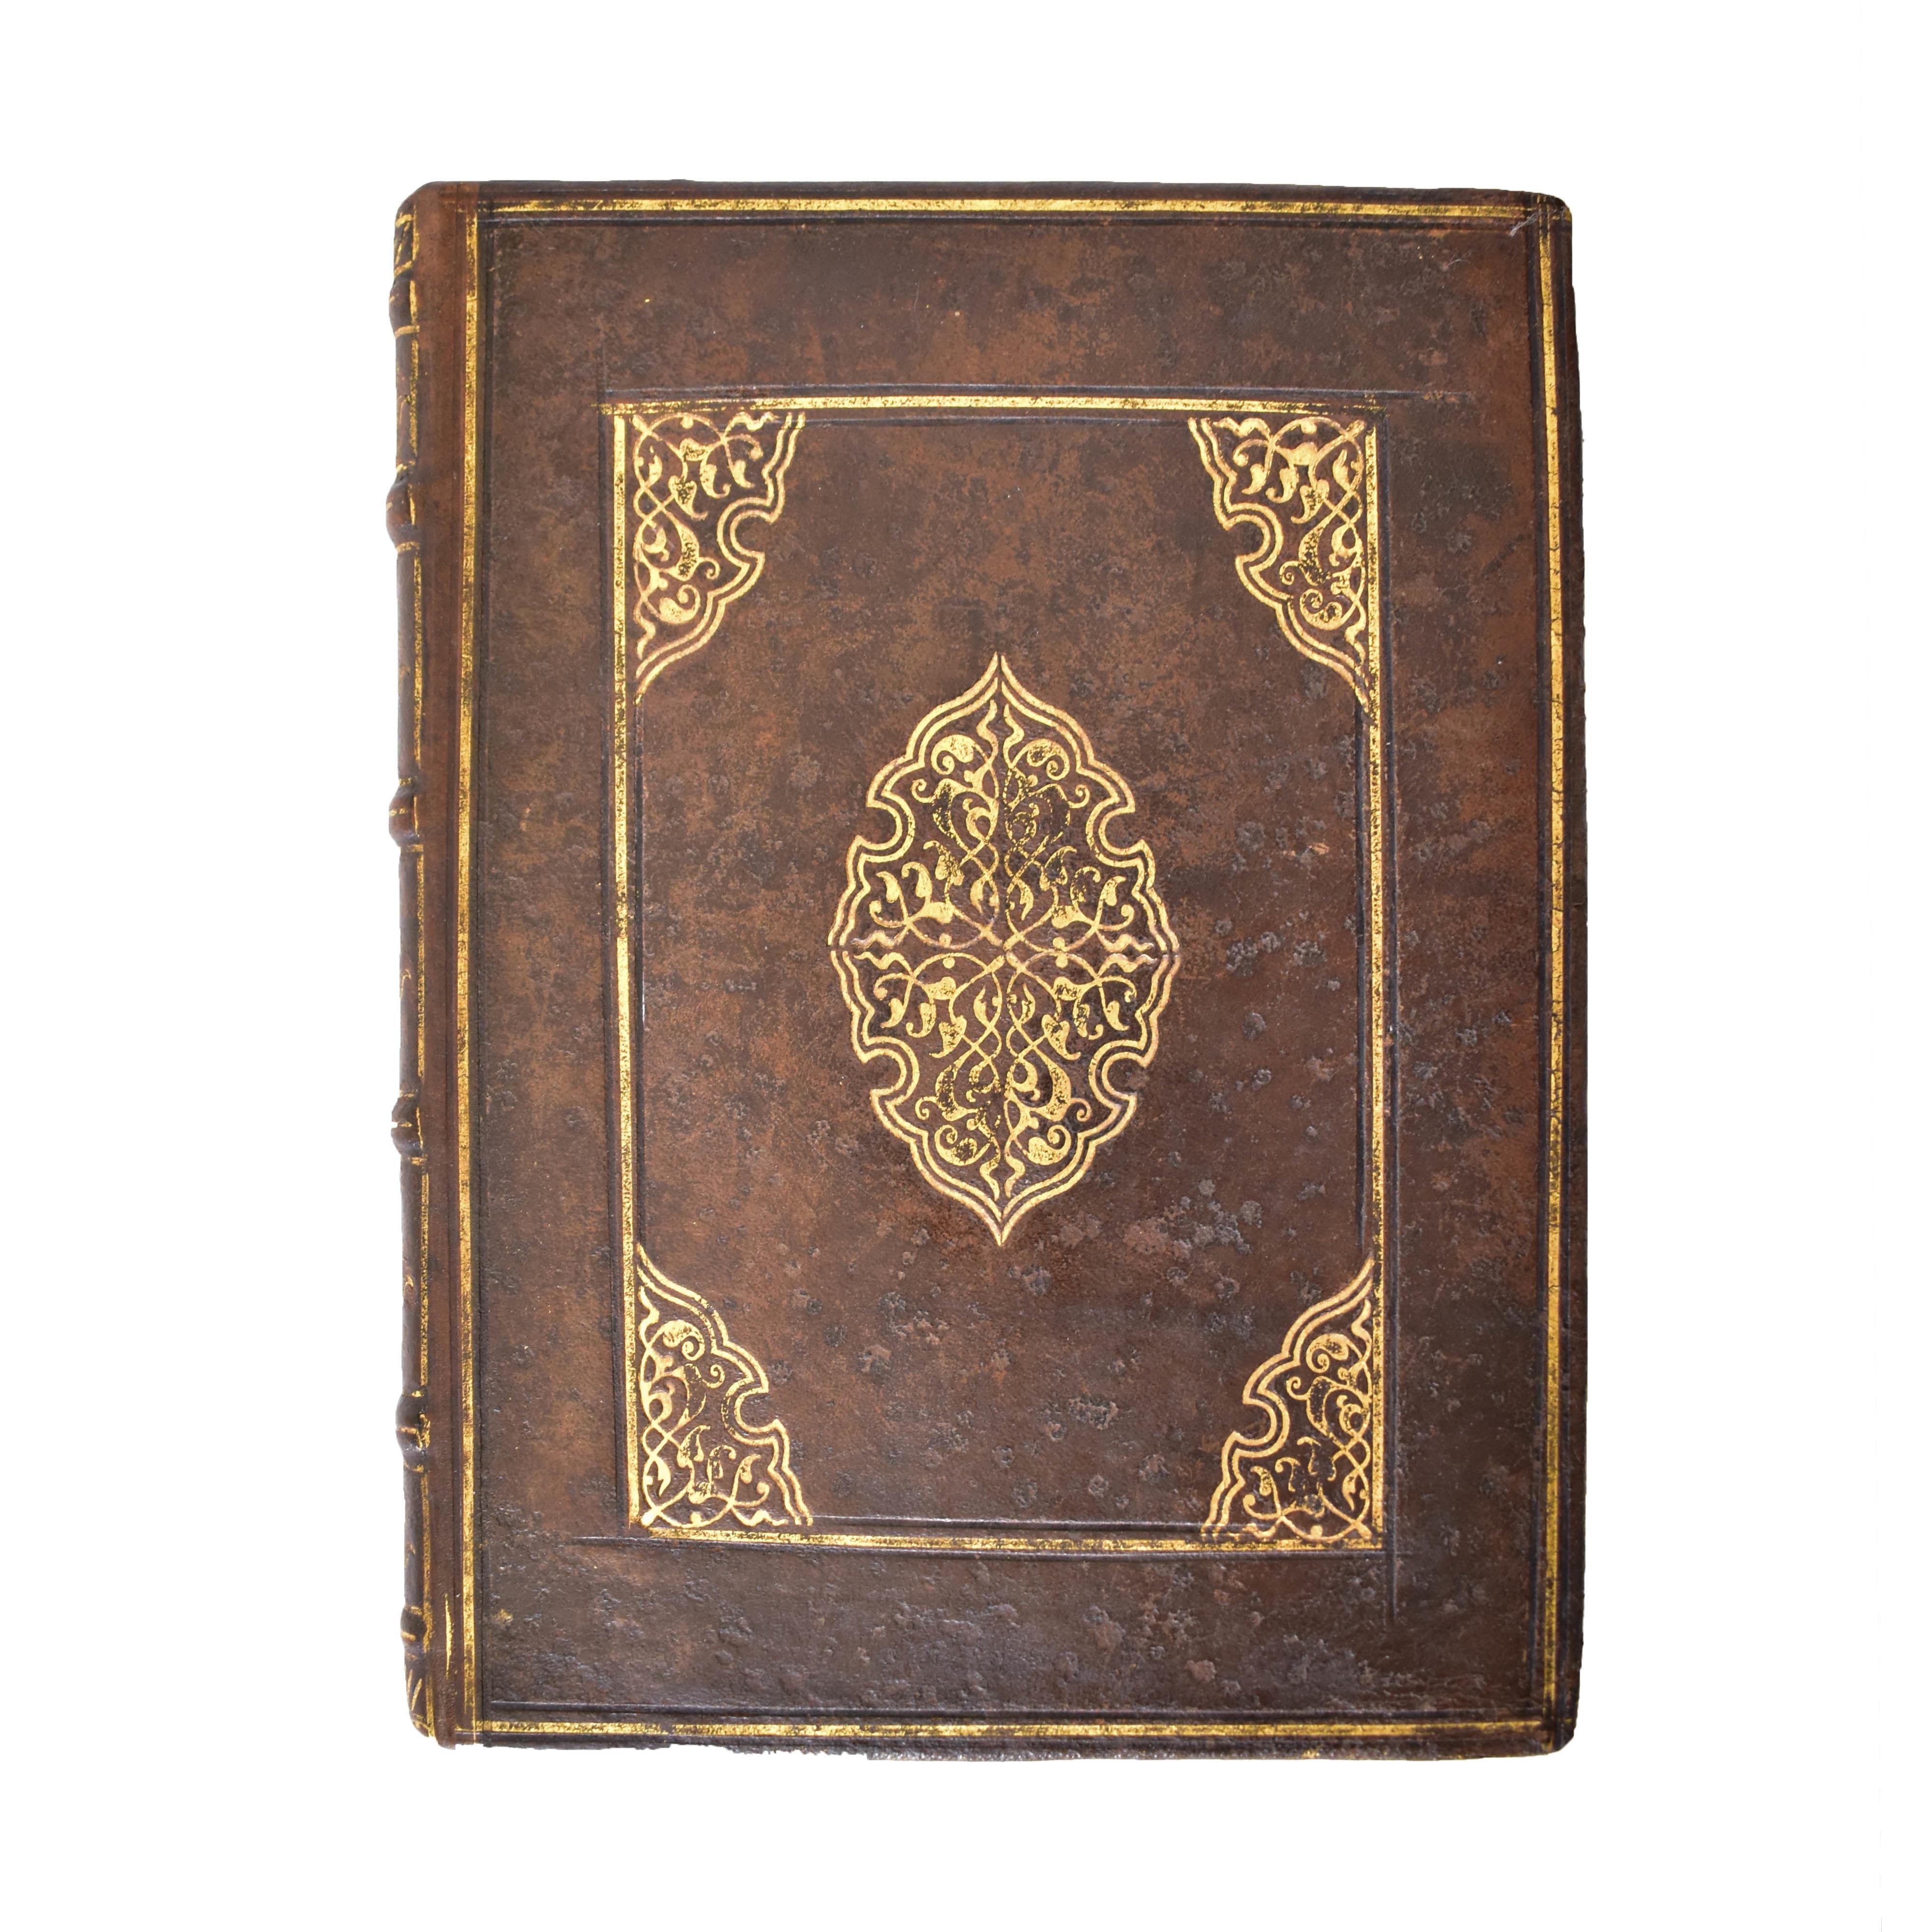 Compilatio Leupoldi ducatus austrie de astrorum scientia Decem continentis tractatus. (photo 5)